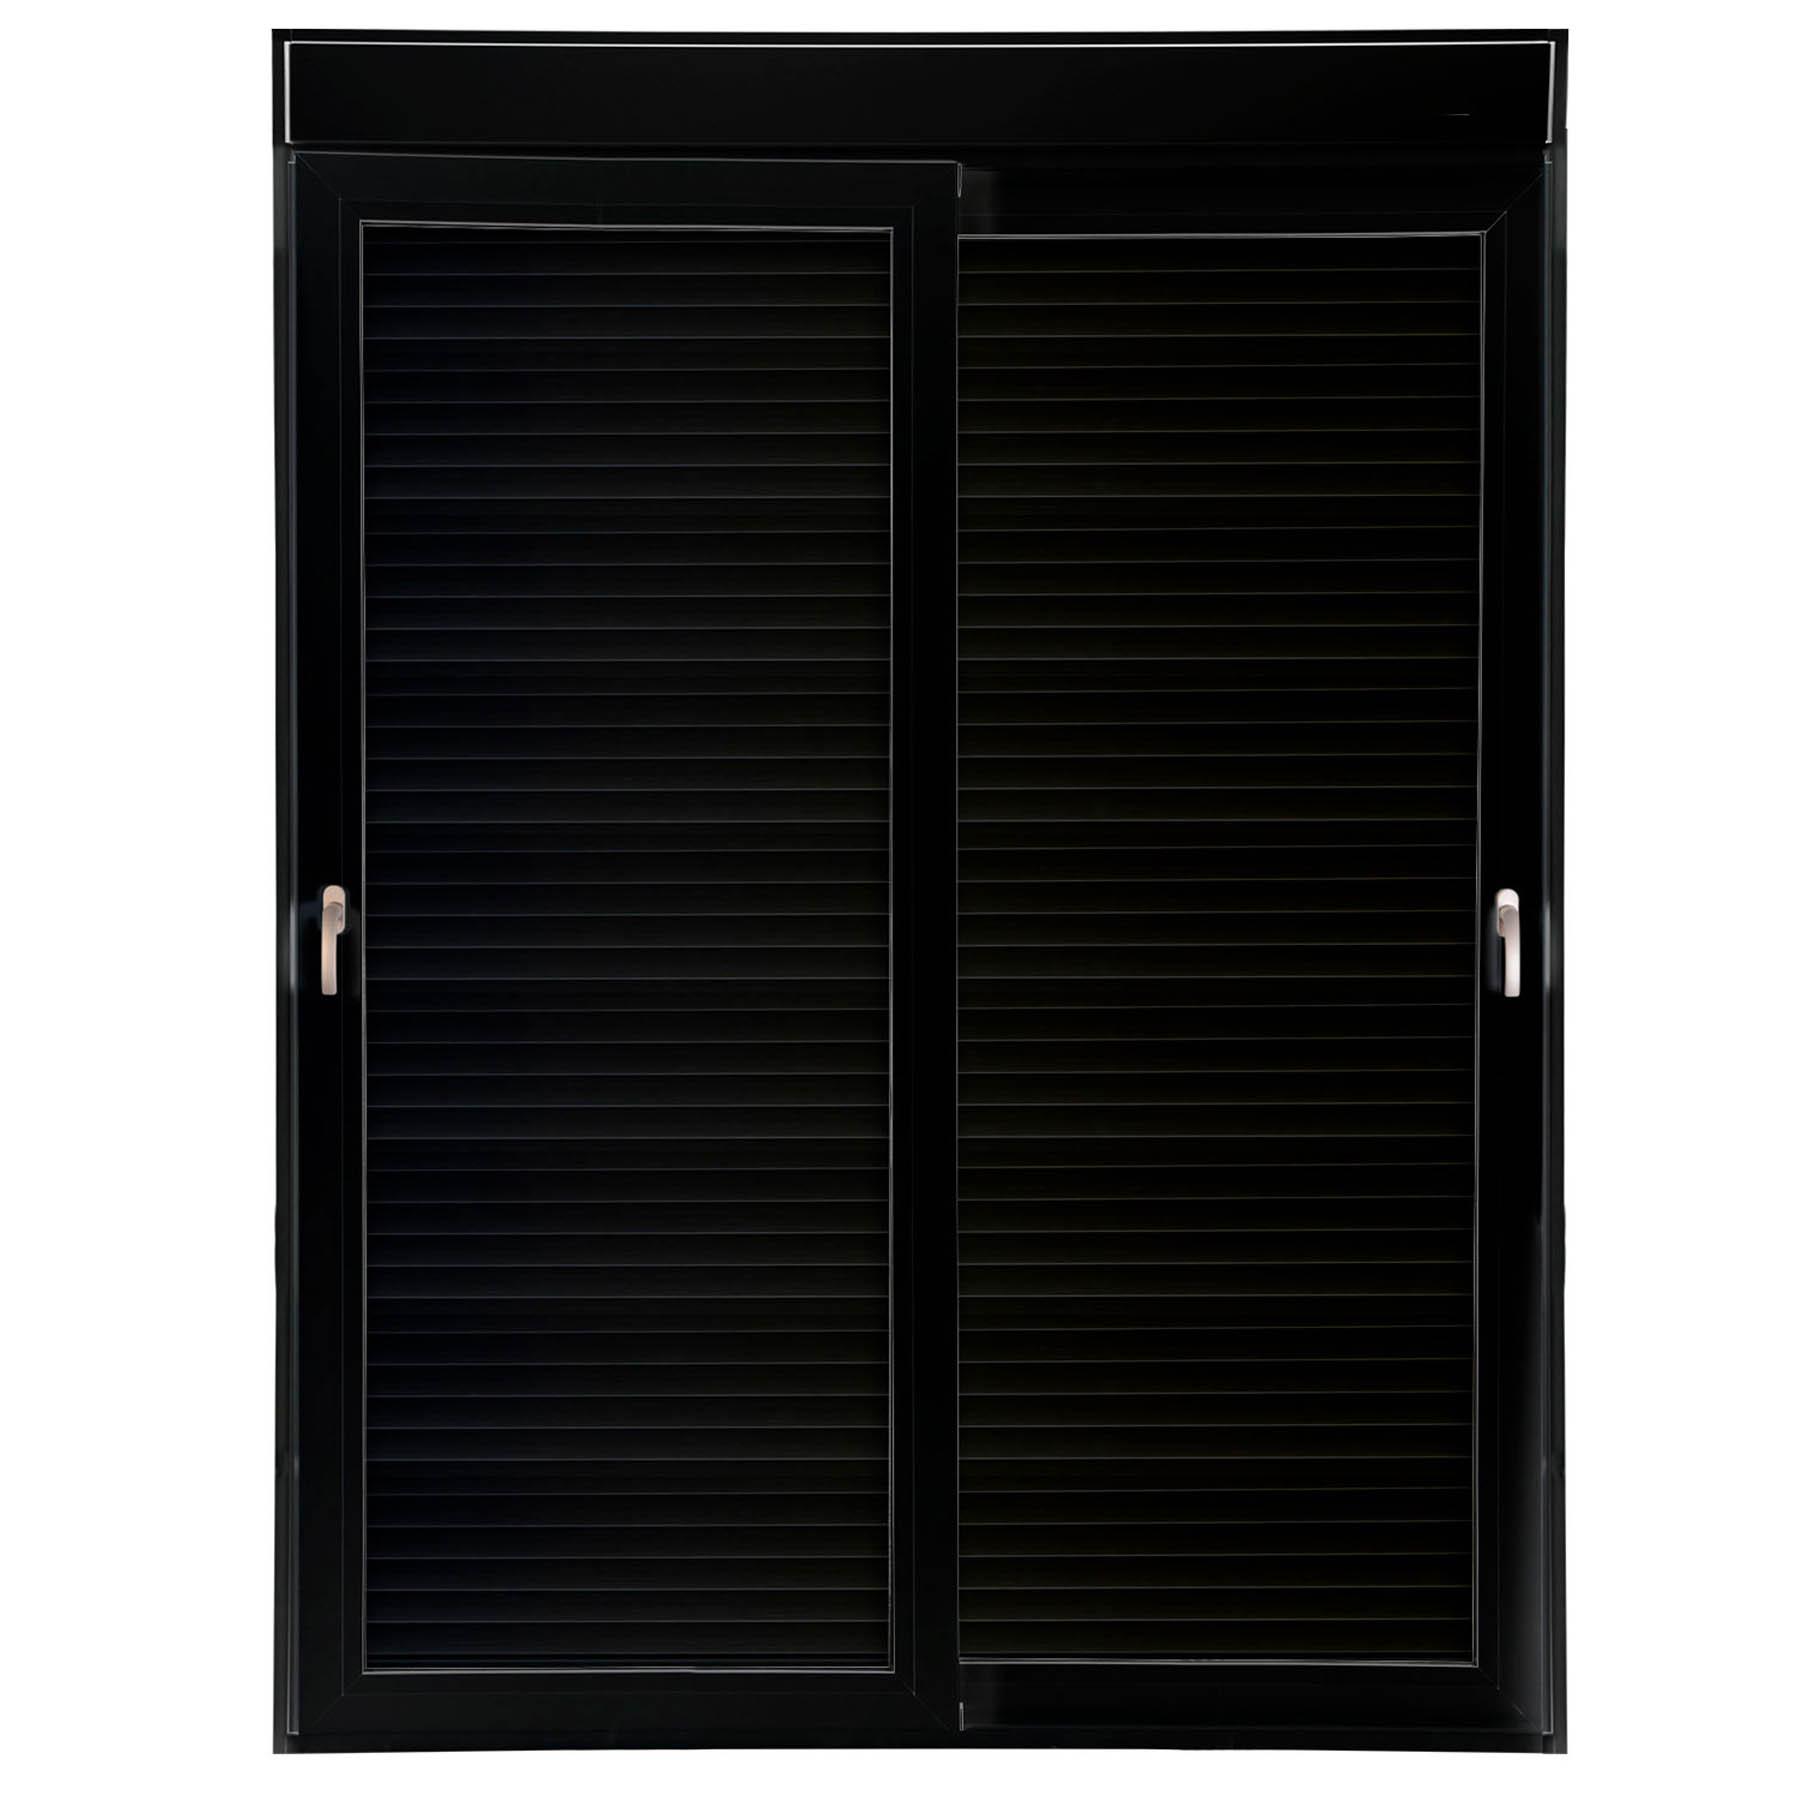 Porta 2 folhas de Correr cor Preta com Vidro com Sem Travessa e Persiana Automática 110V com Fecho Multiponto - 150x235 - Veneza